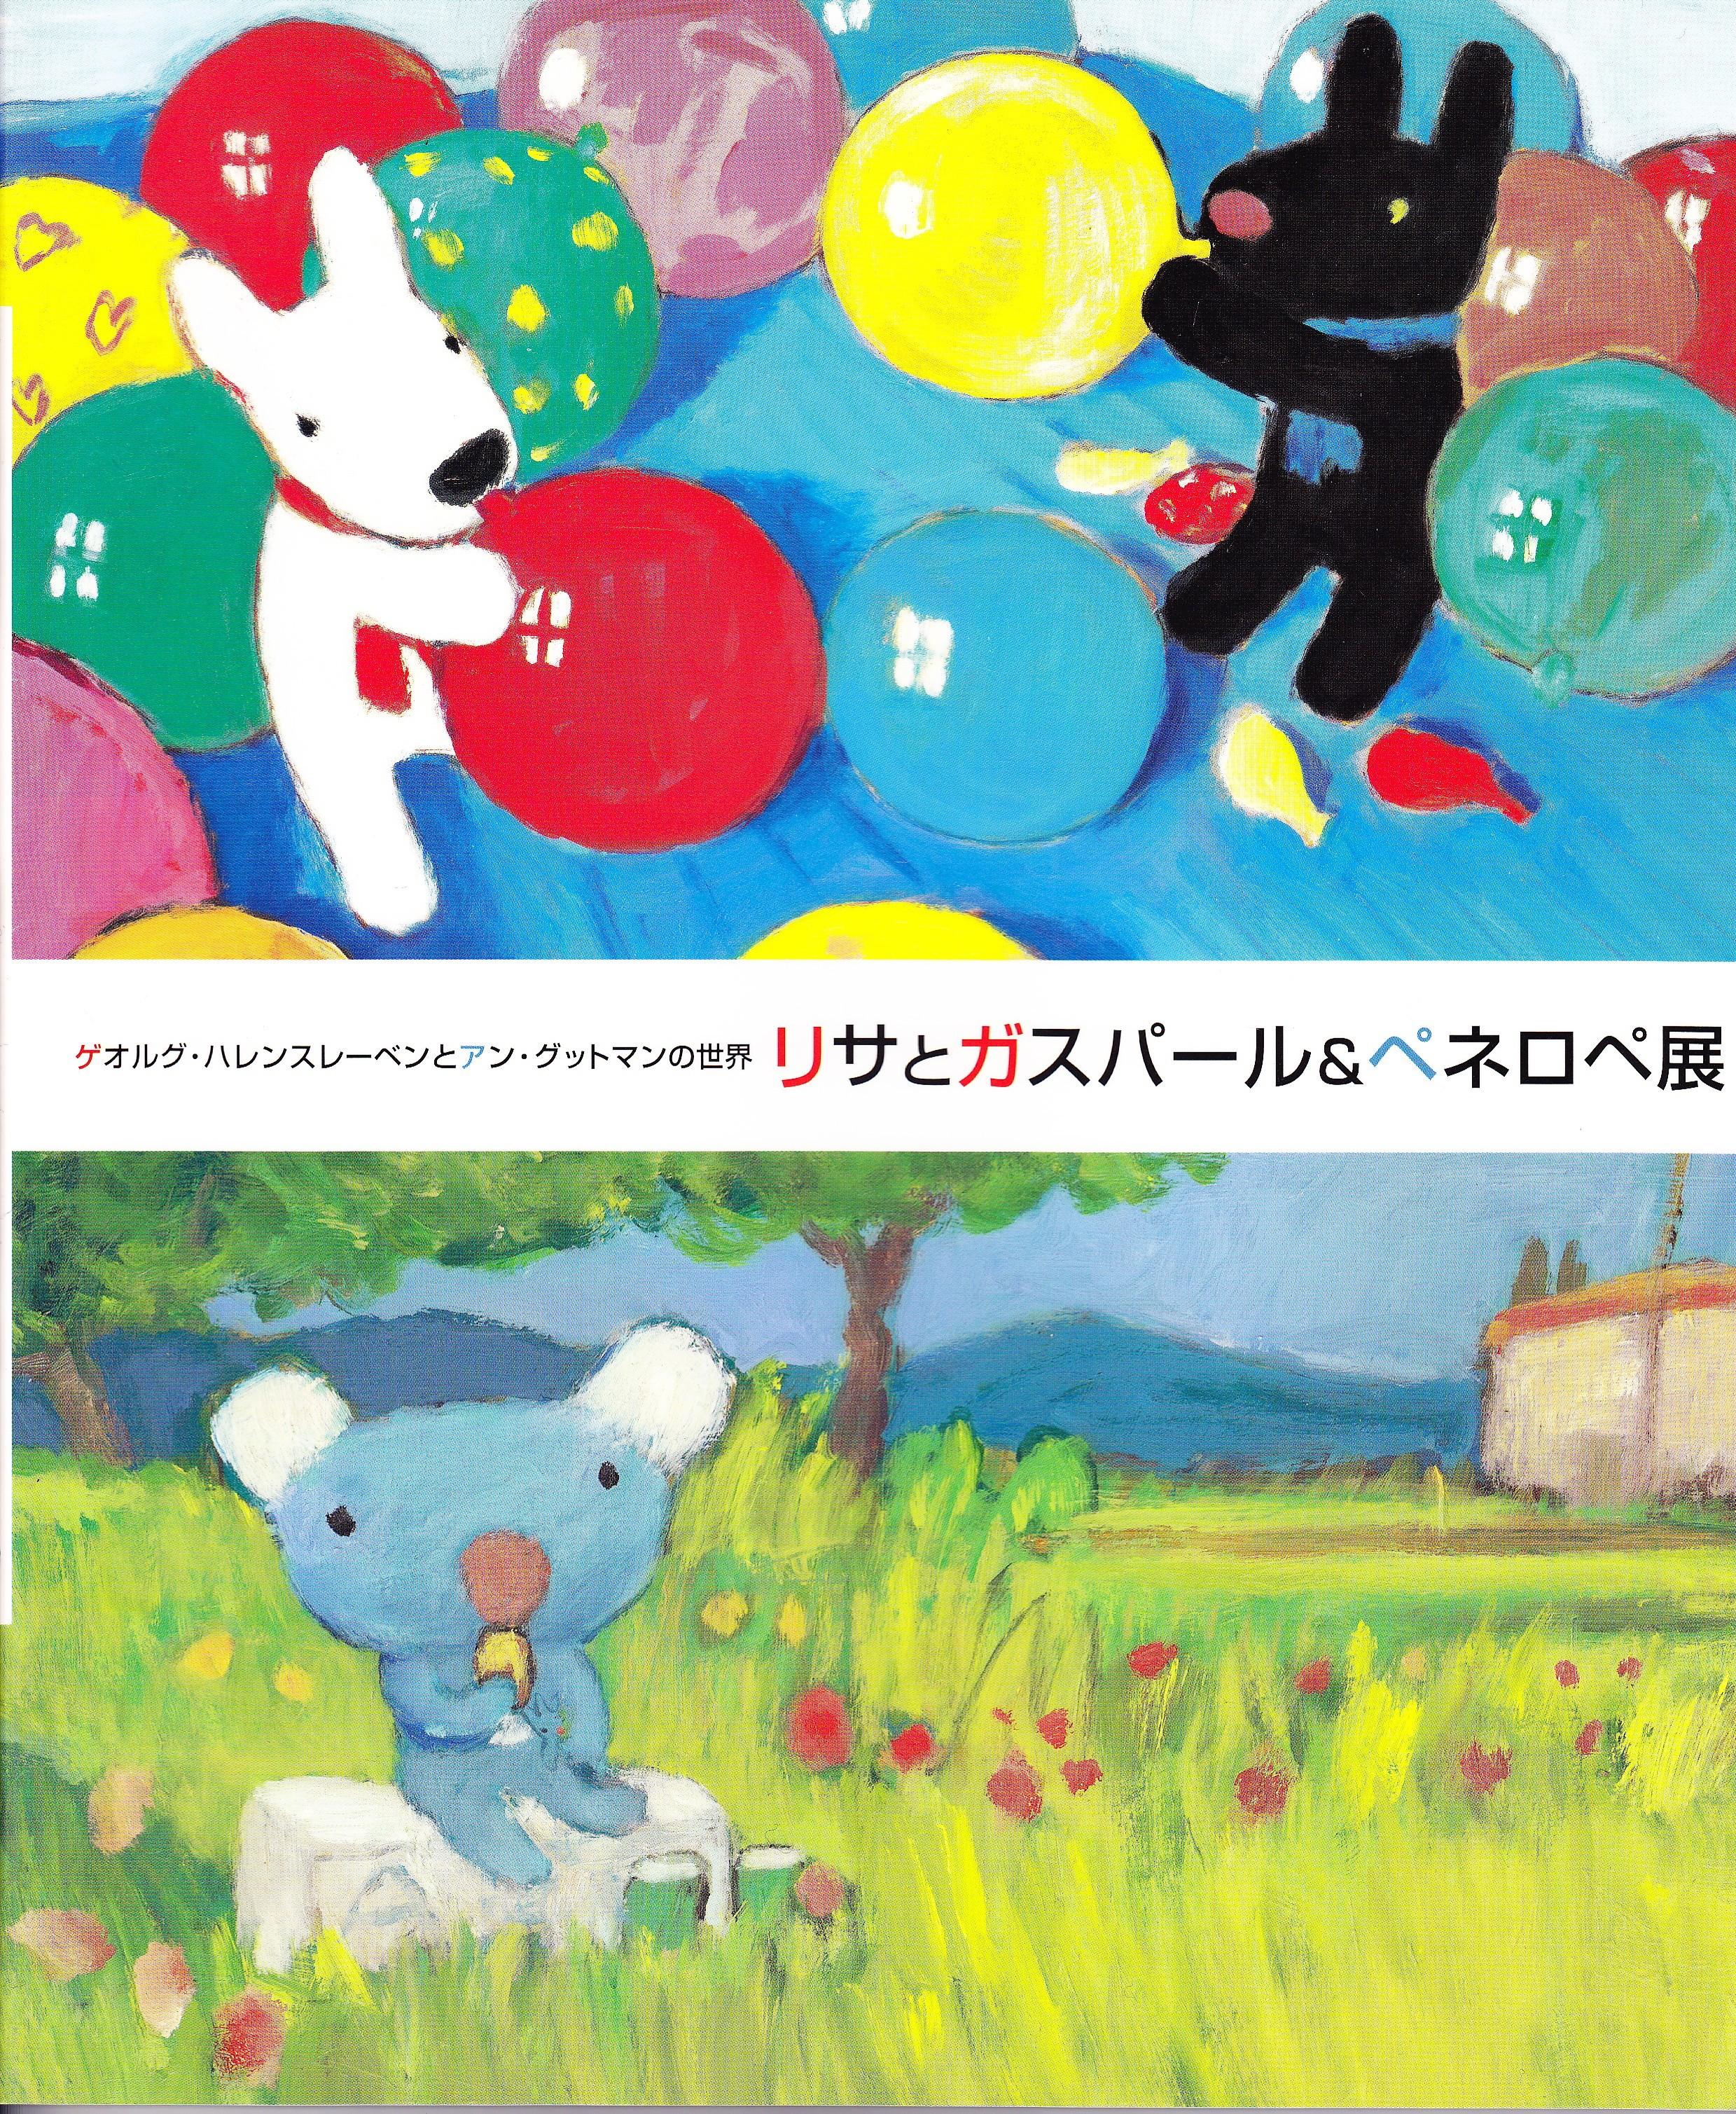 リサとガスパール ペネロペ展 Blind Books